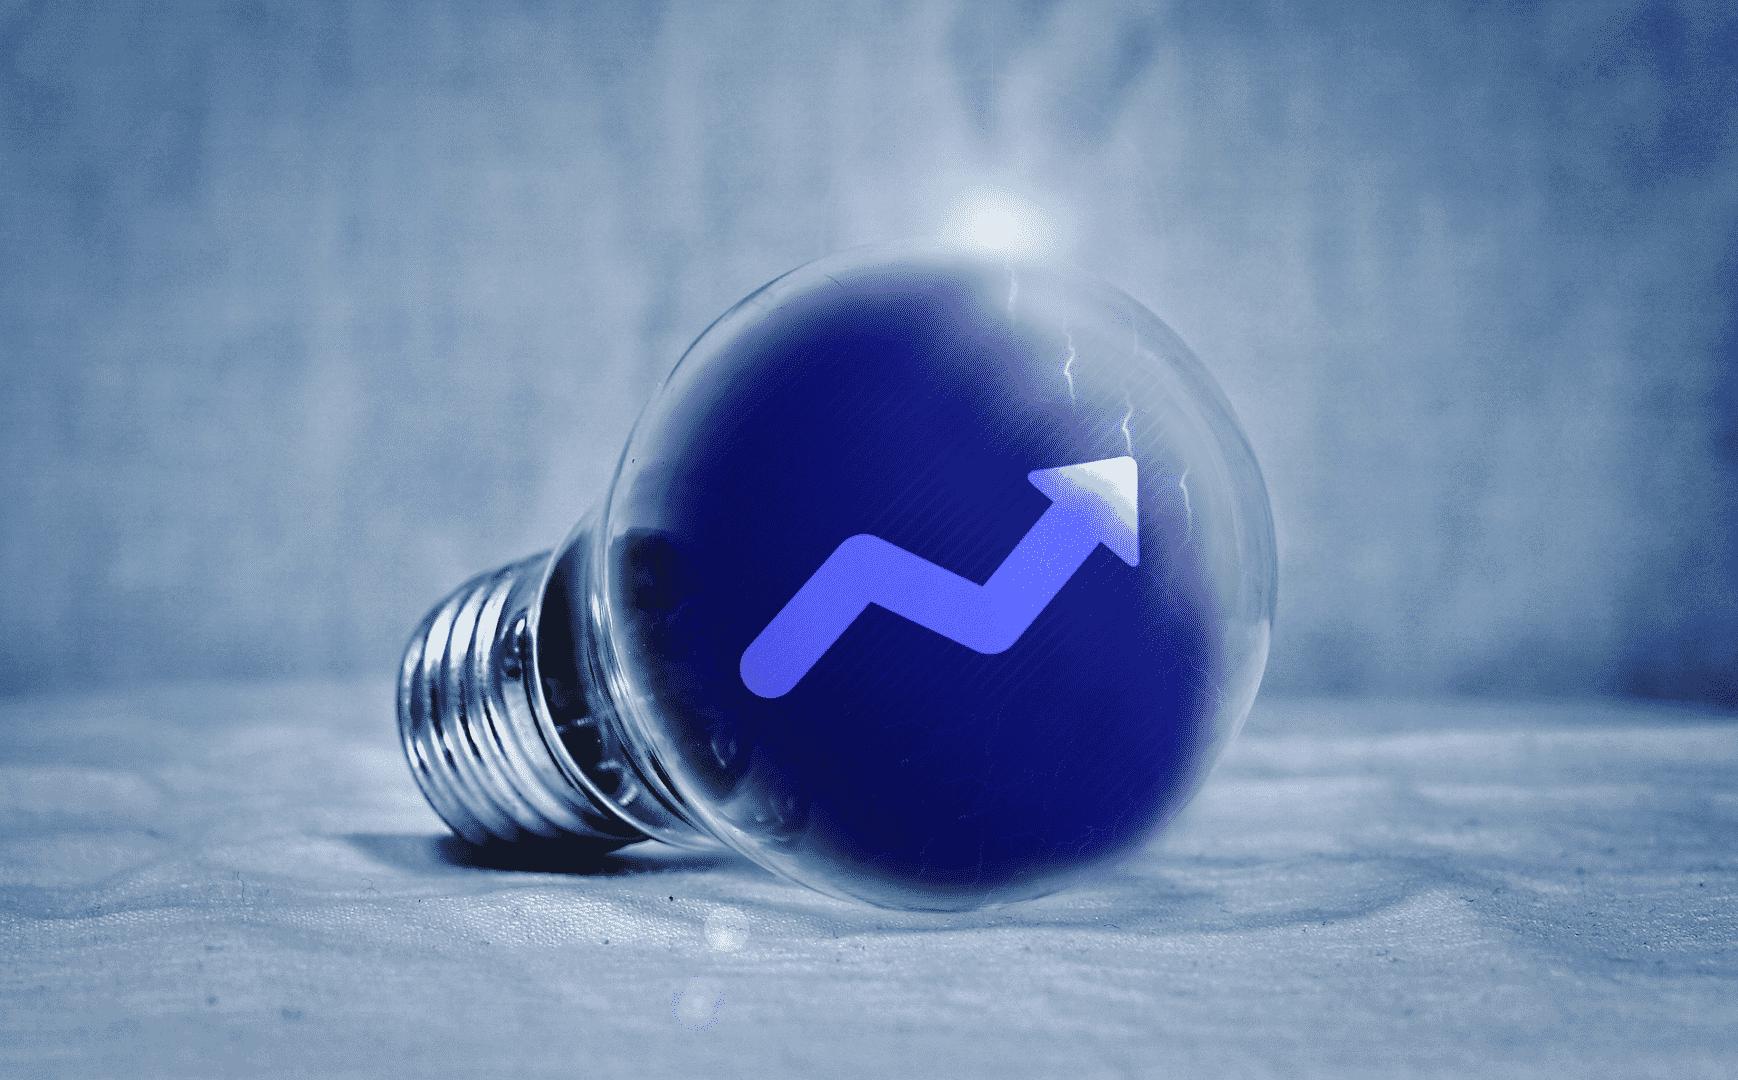 Les tarifs bleus augmentent au 1er février